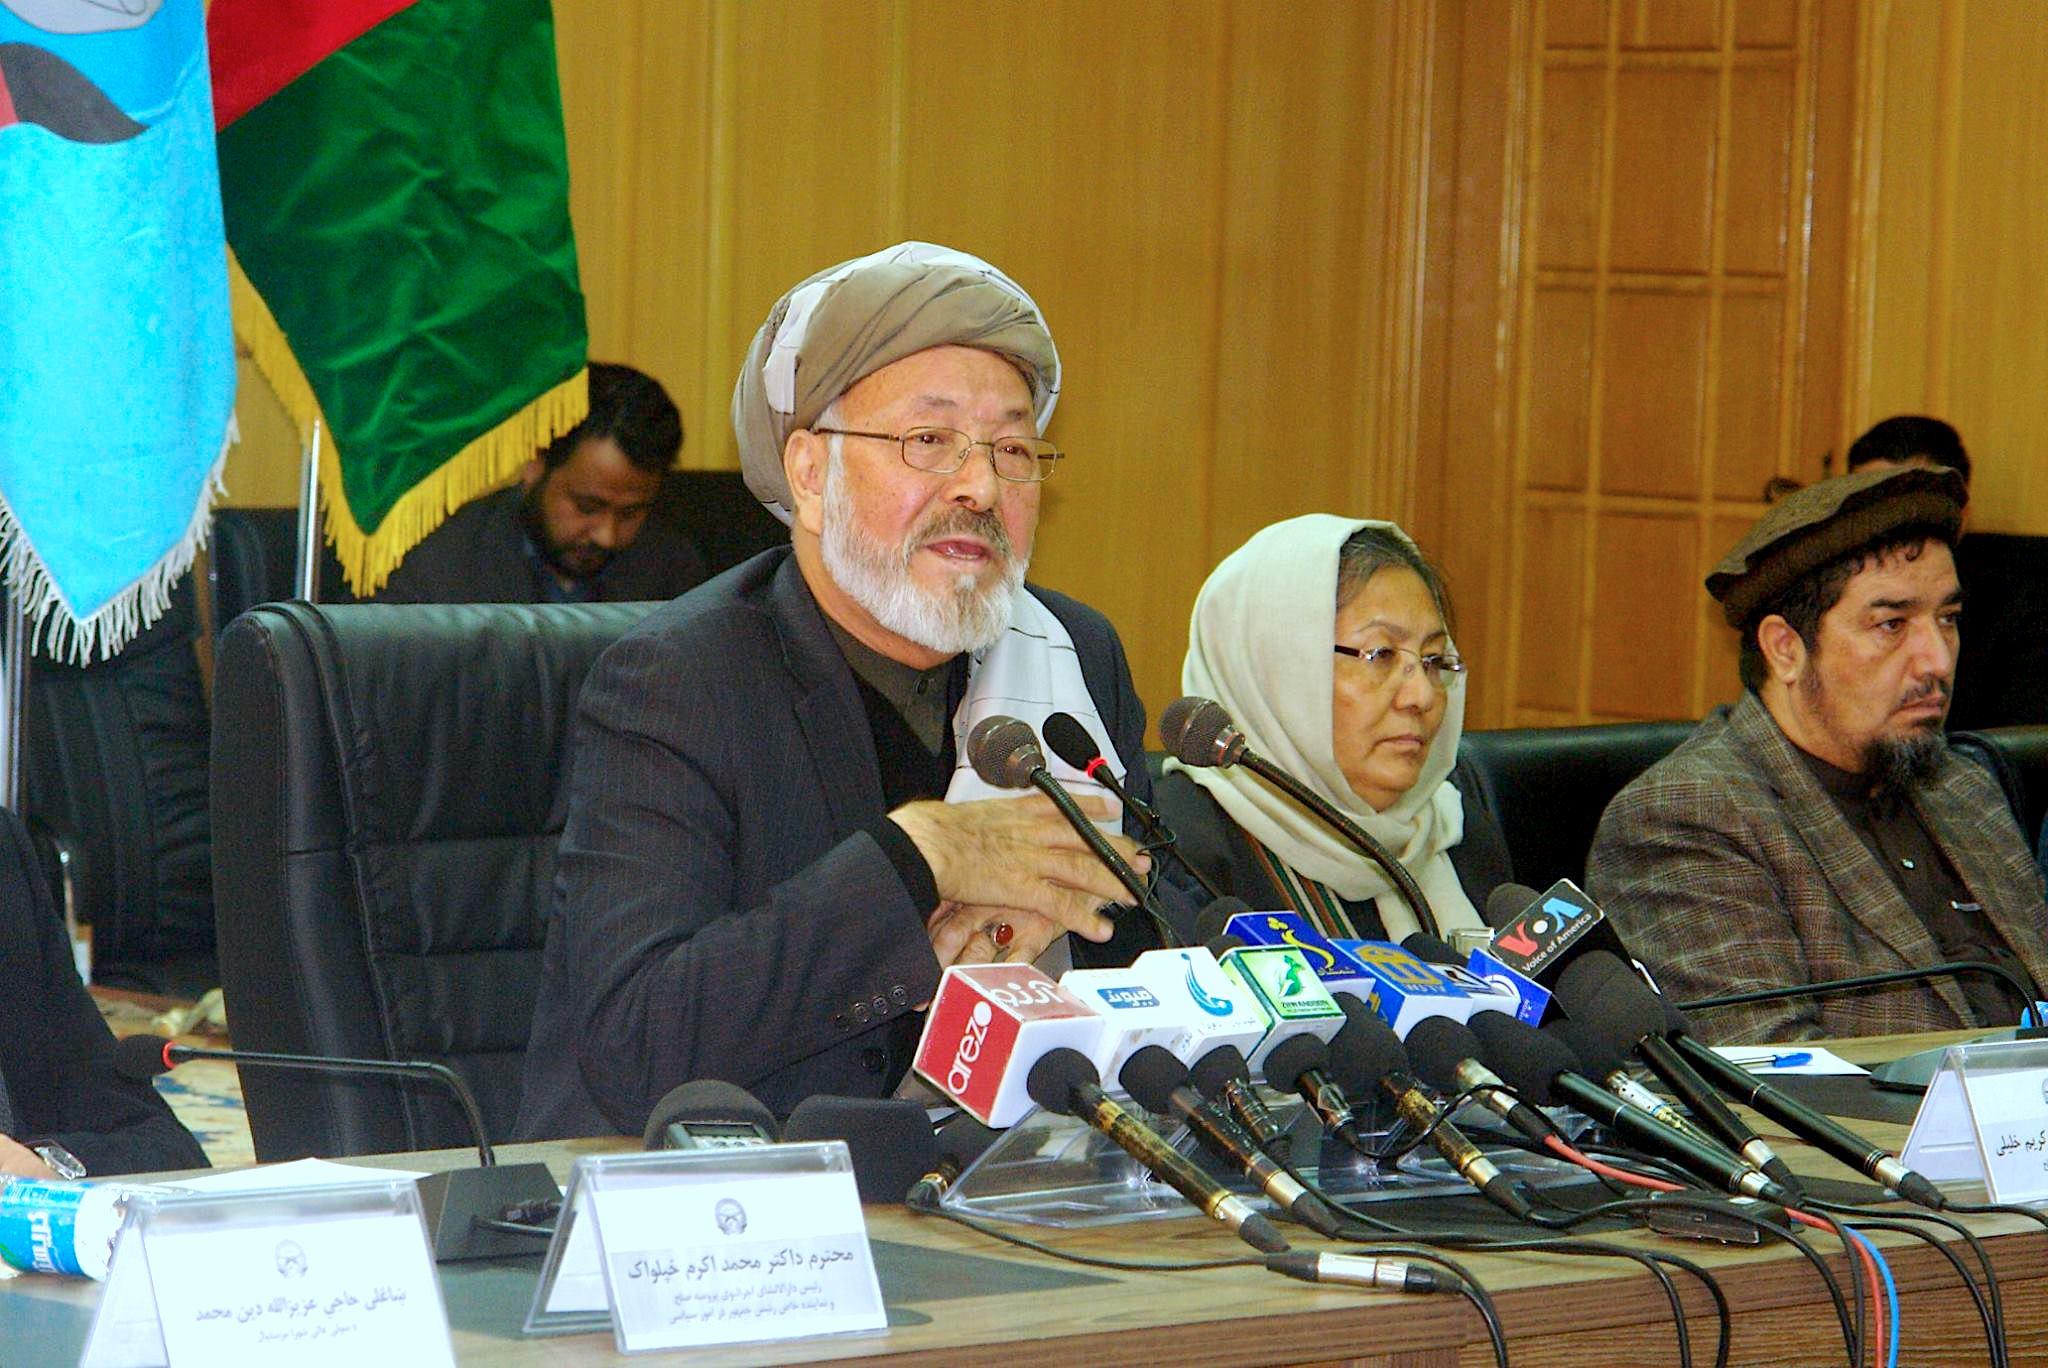 شورای عالی صلح افغانستان برای مذاکرات با طالبان هیچ پیش شرط تعیین نمیکند